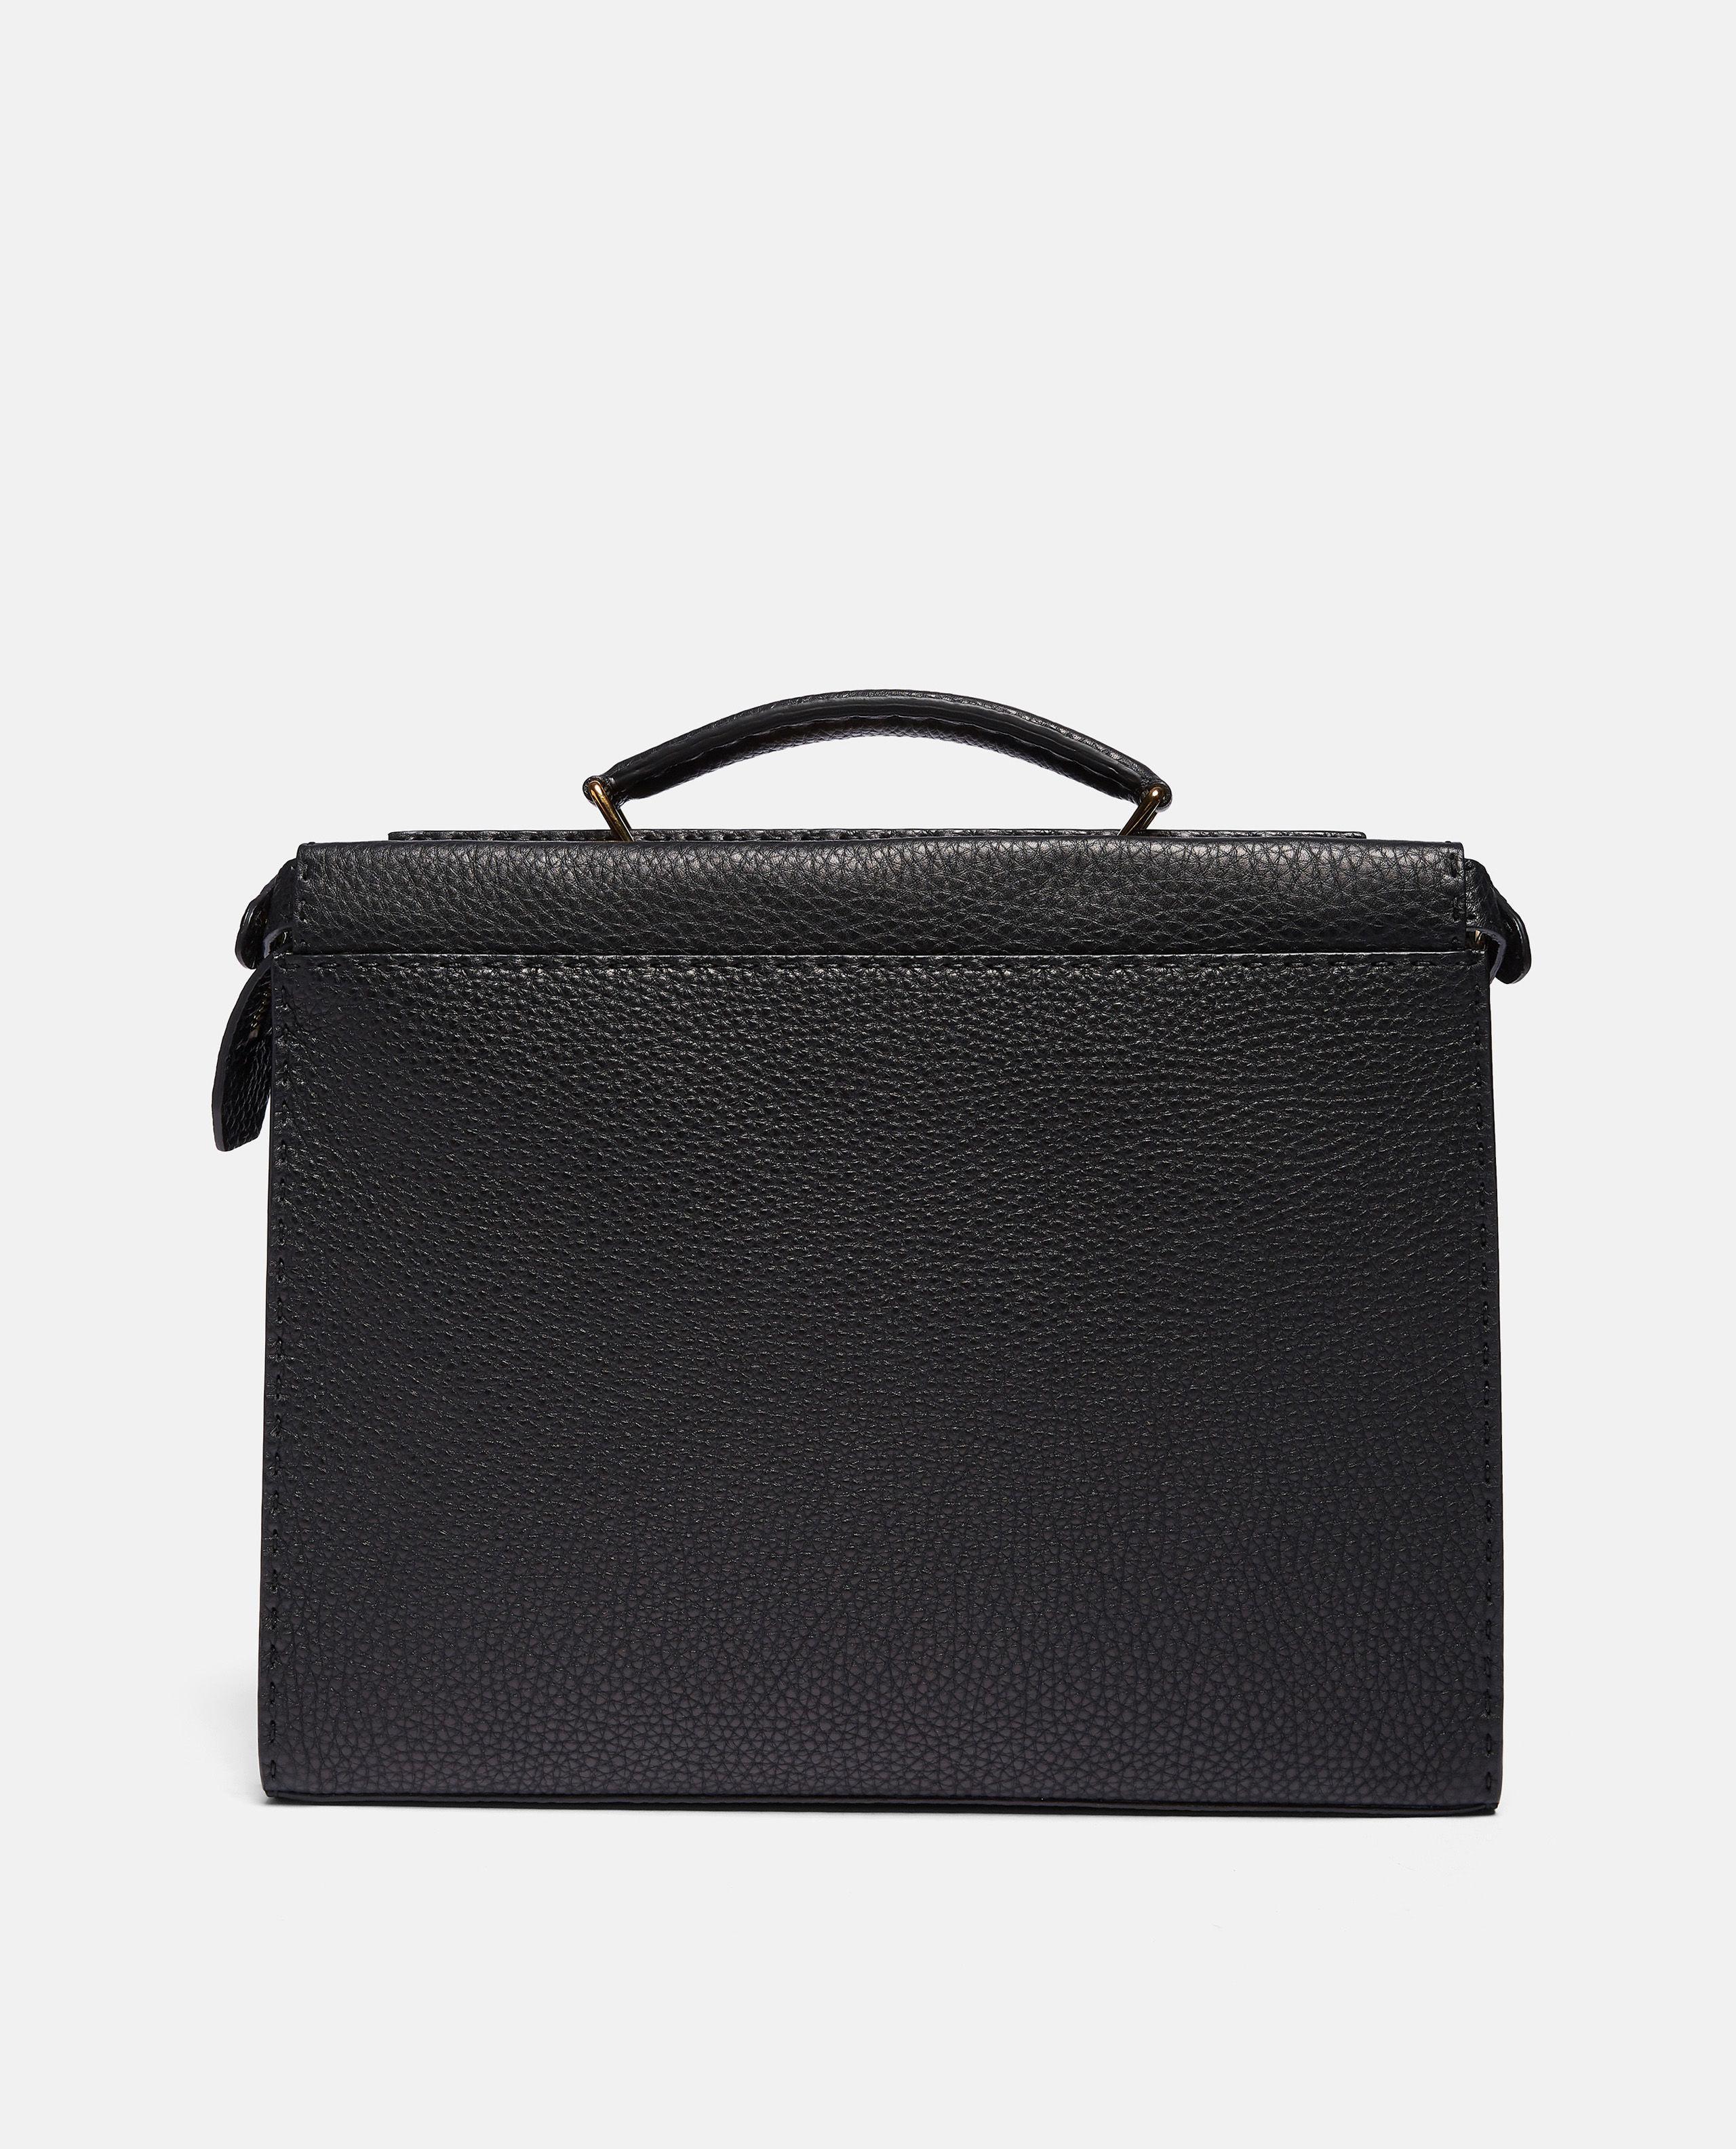 Lyst - Fendi Peekaboo Fit Bag in Black for Men 7150b87482fe7